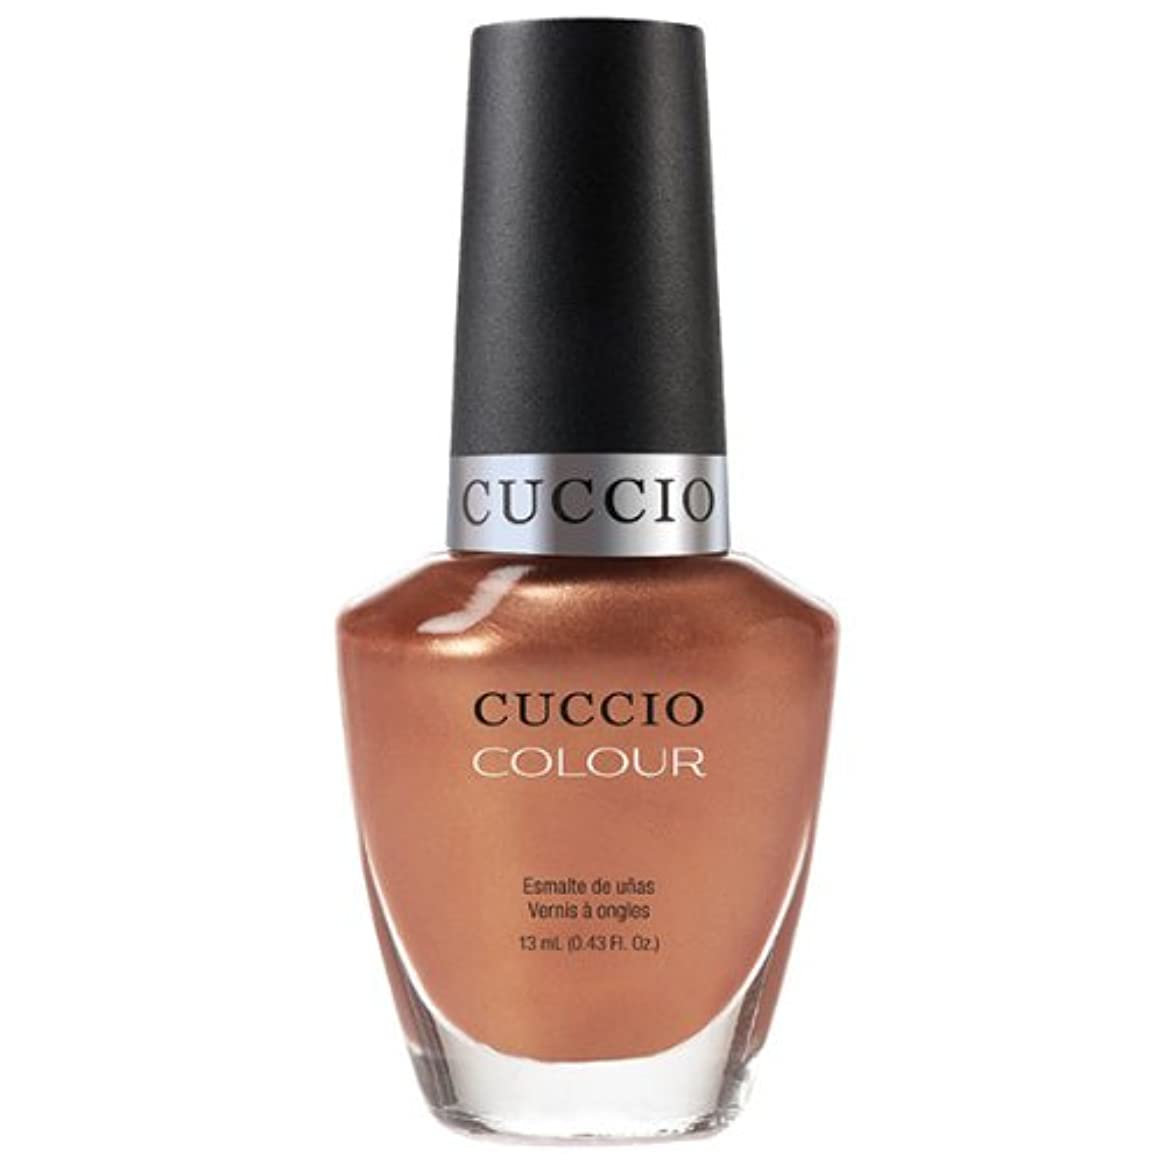 定期的なにやにや経験者Cuccio Colour Gloss Lacquer - Holy Toledo - 0.43oz / 13ml